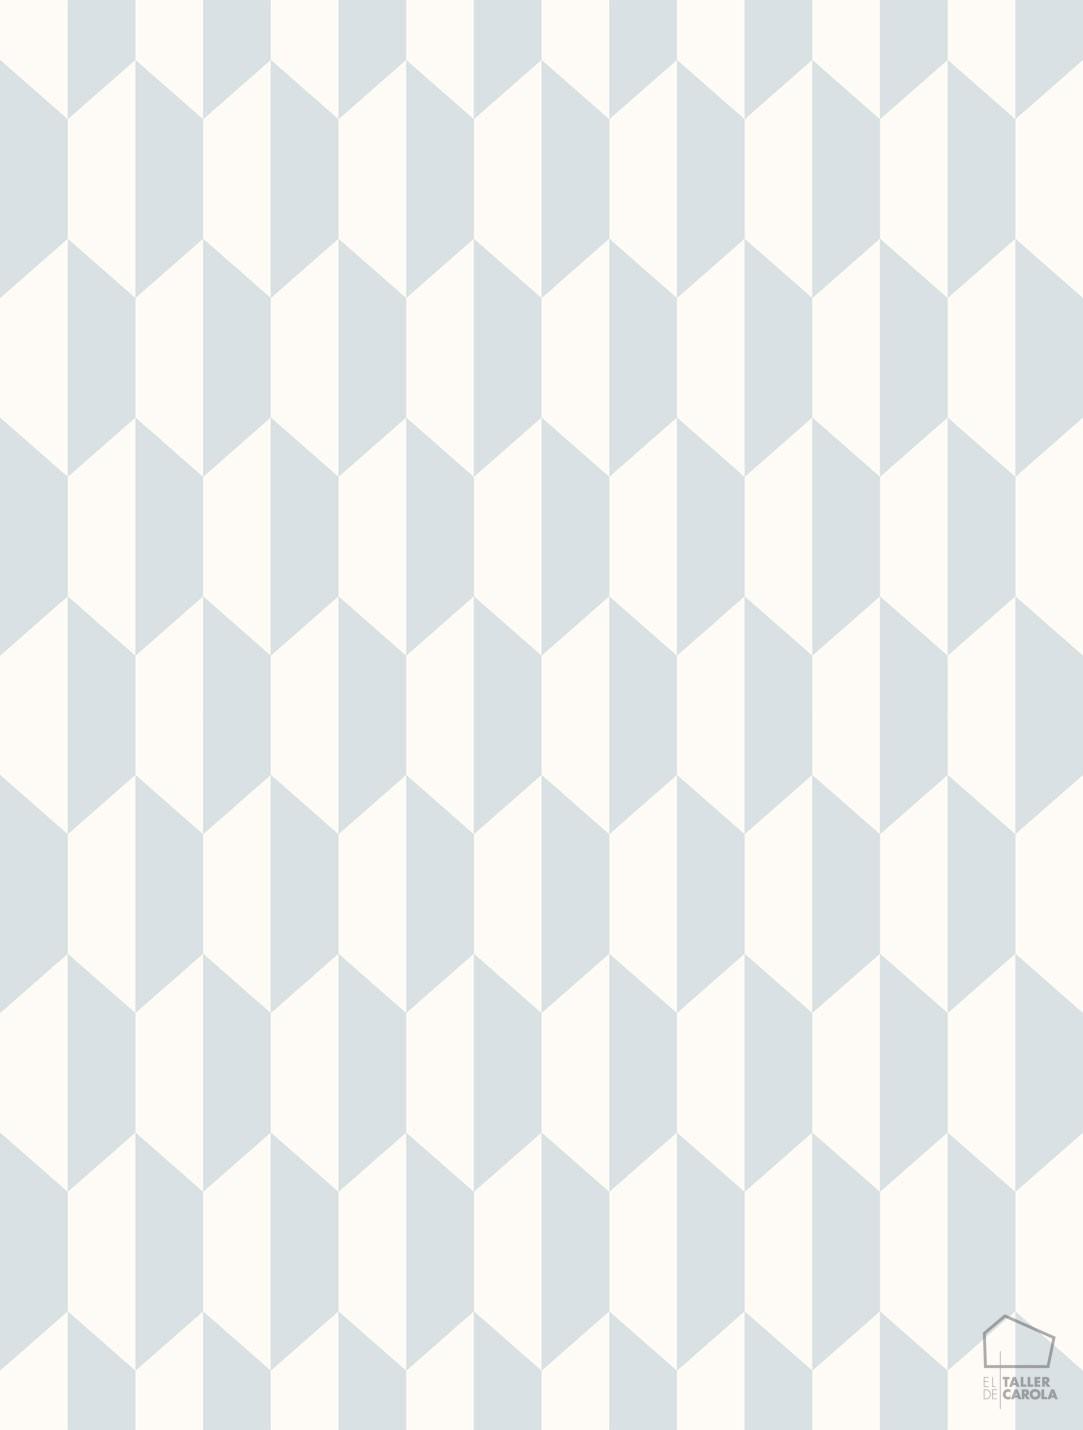 083icopet-112-5018-papel-pintado-geometrico-azul